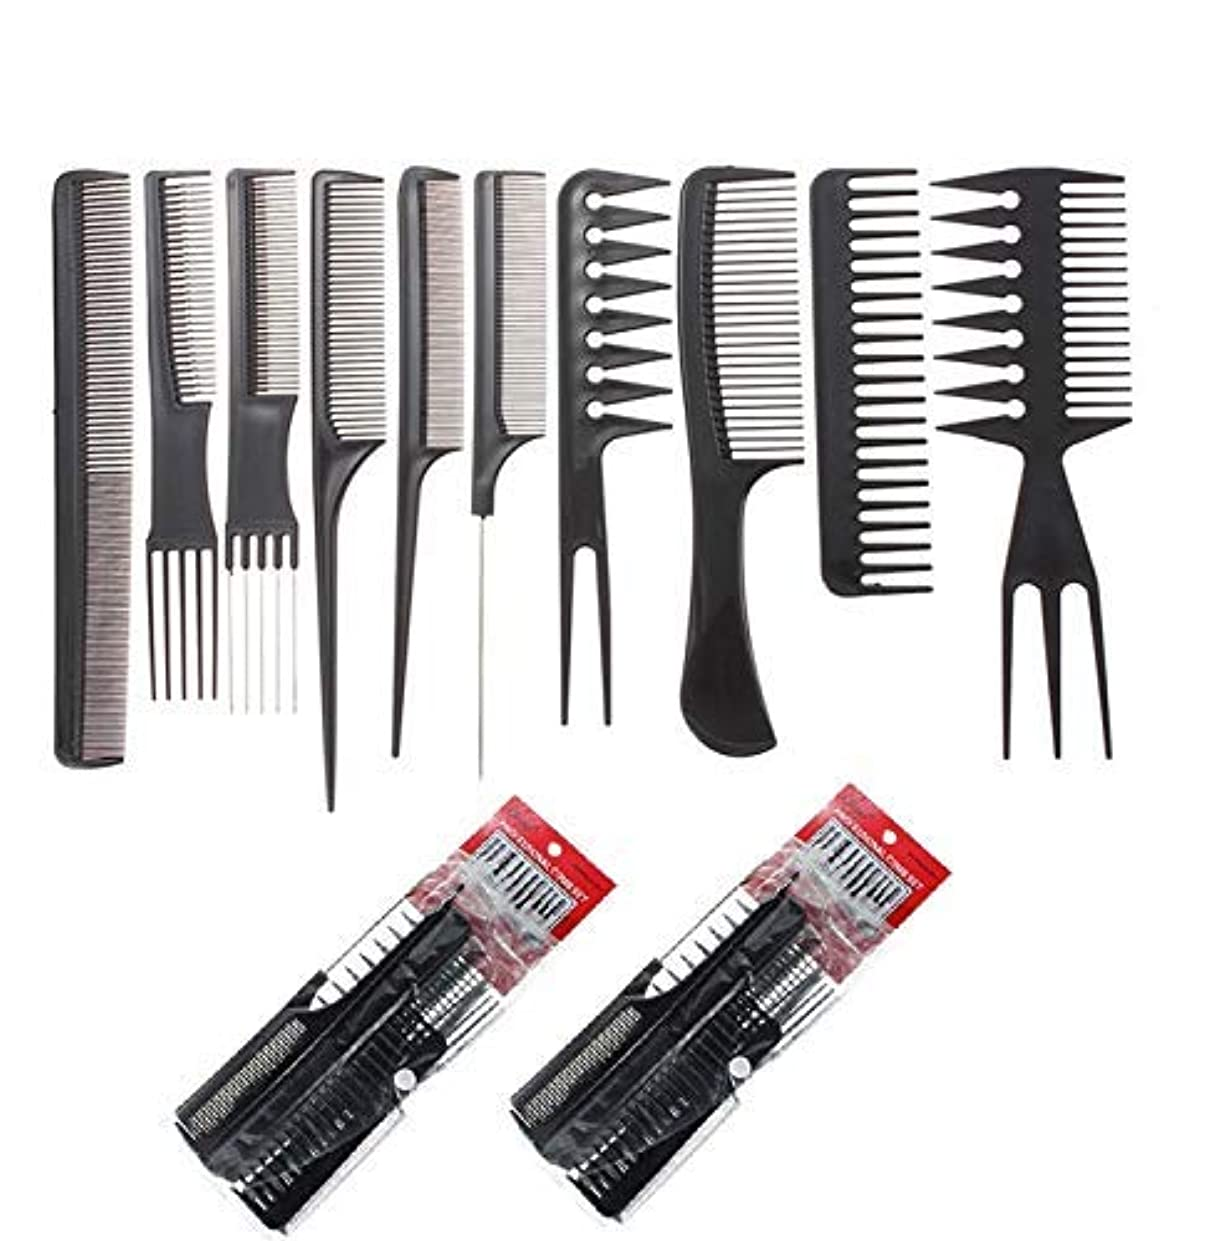 修羅場アカデミックペチコートSBYURE 20pcs Professional Styling Comb Set,10pcs/Set,2 Set Salon Hairdressing Combs Hair Care Styling Tools Hair Cutting Comb Sets Kit [並行輸入品]